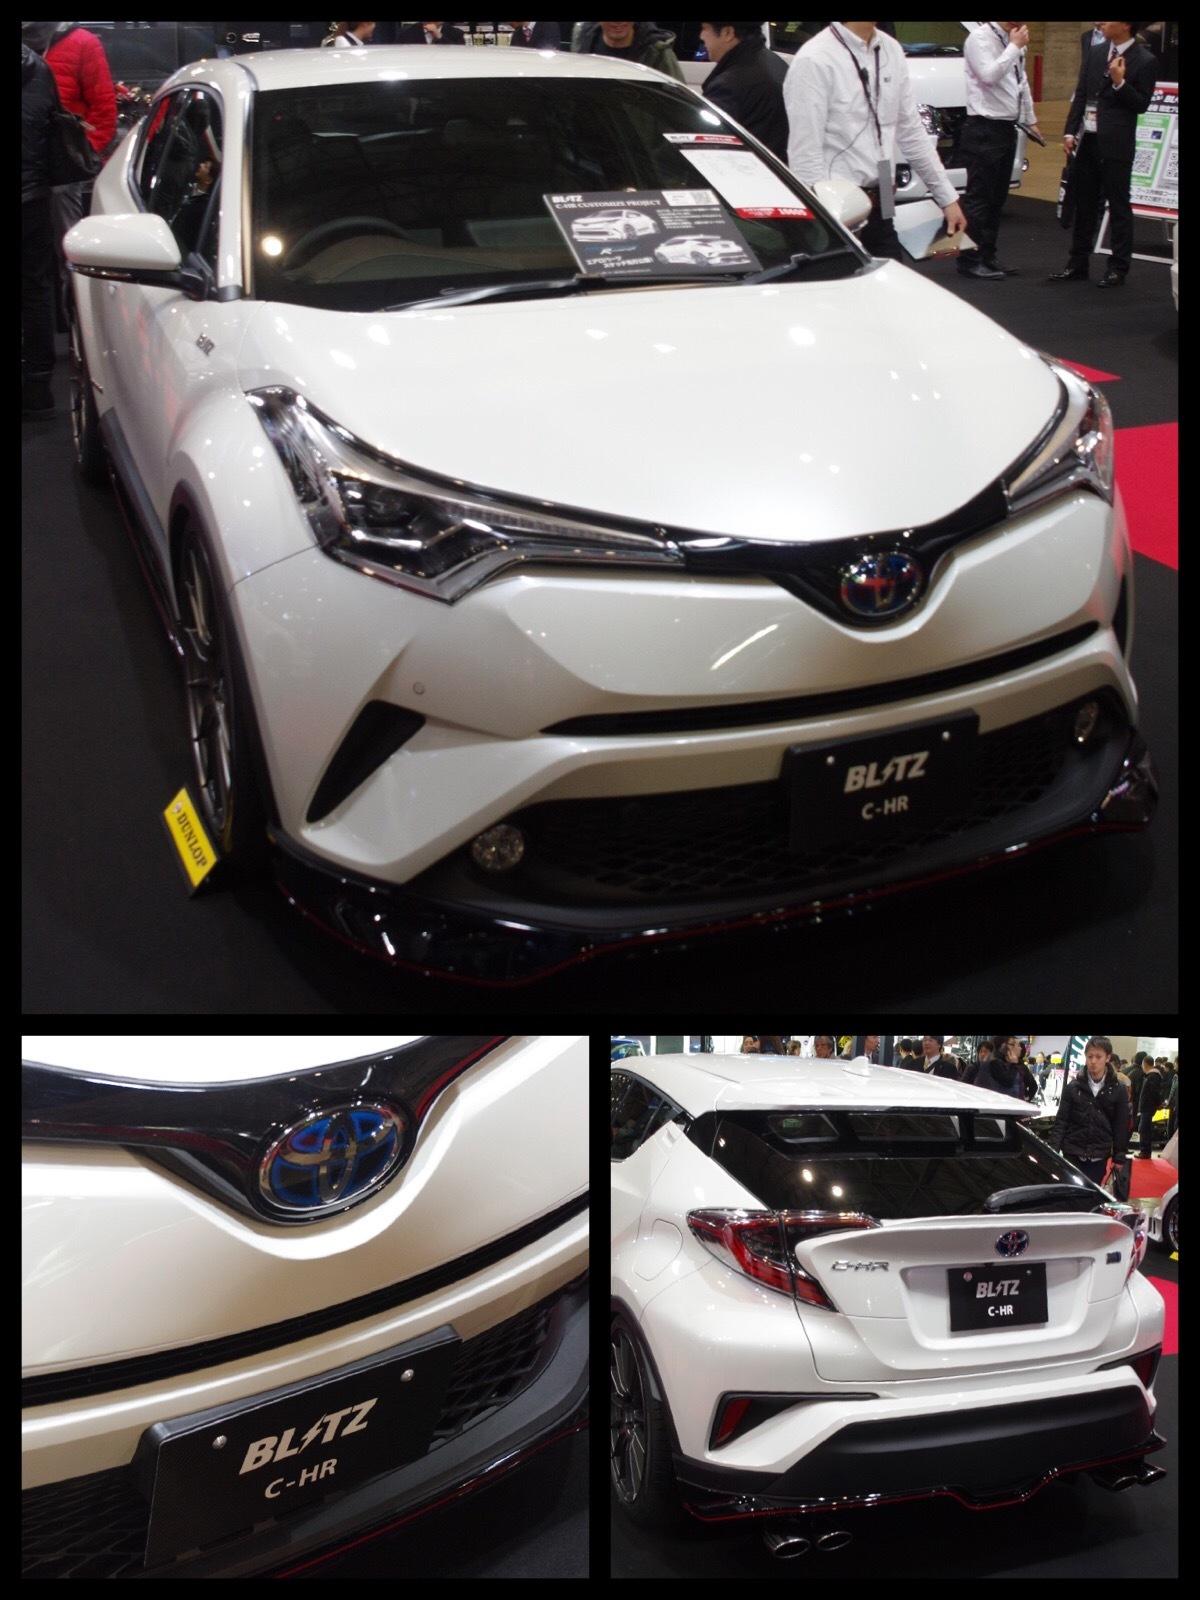 トヨタC-HR カスタムカー britz 東京オートサロン